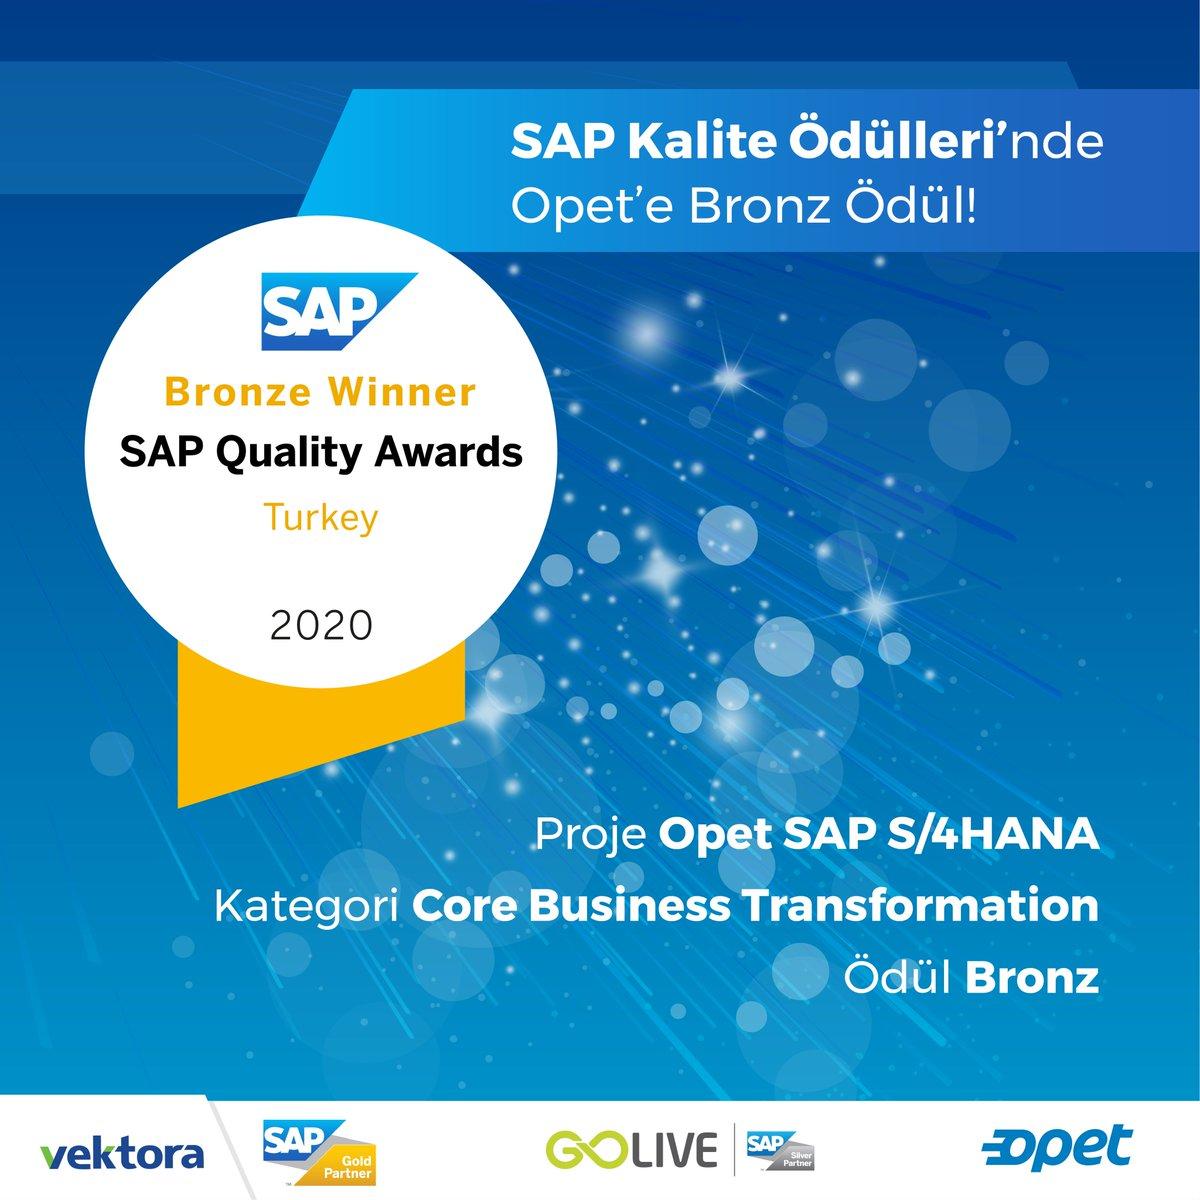 Yılın en başarılı dijital dönüşüm projelerinin ödüllendirildiği SAP Kalite Ödülleri'nde, SAP S/4HANA dijital dönüşüm projesiyle, CORE Business Transformation kategorisinde bronz ödülün sahibi olduk. https://t.co/cavMGCCAZu